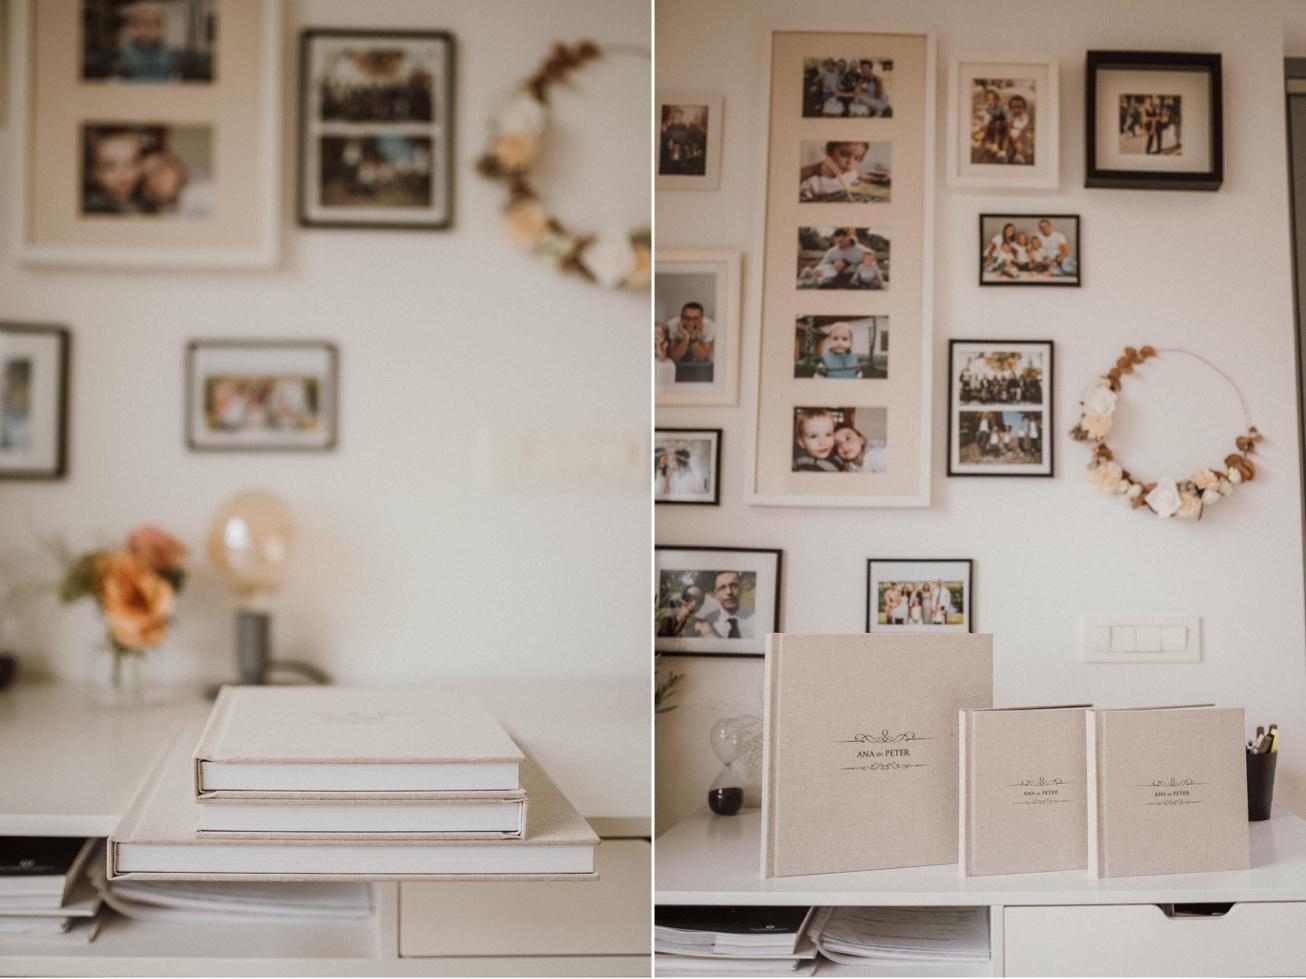 tomaz kos weddings books album prints 7